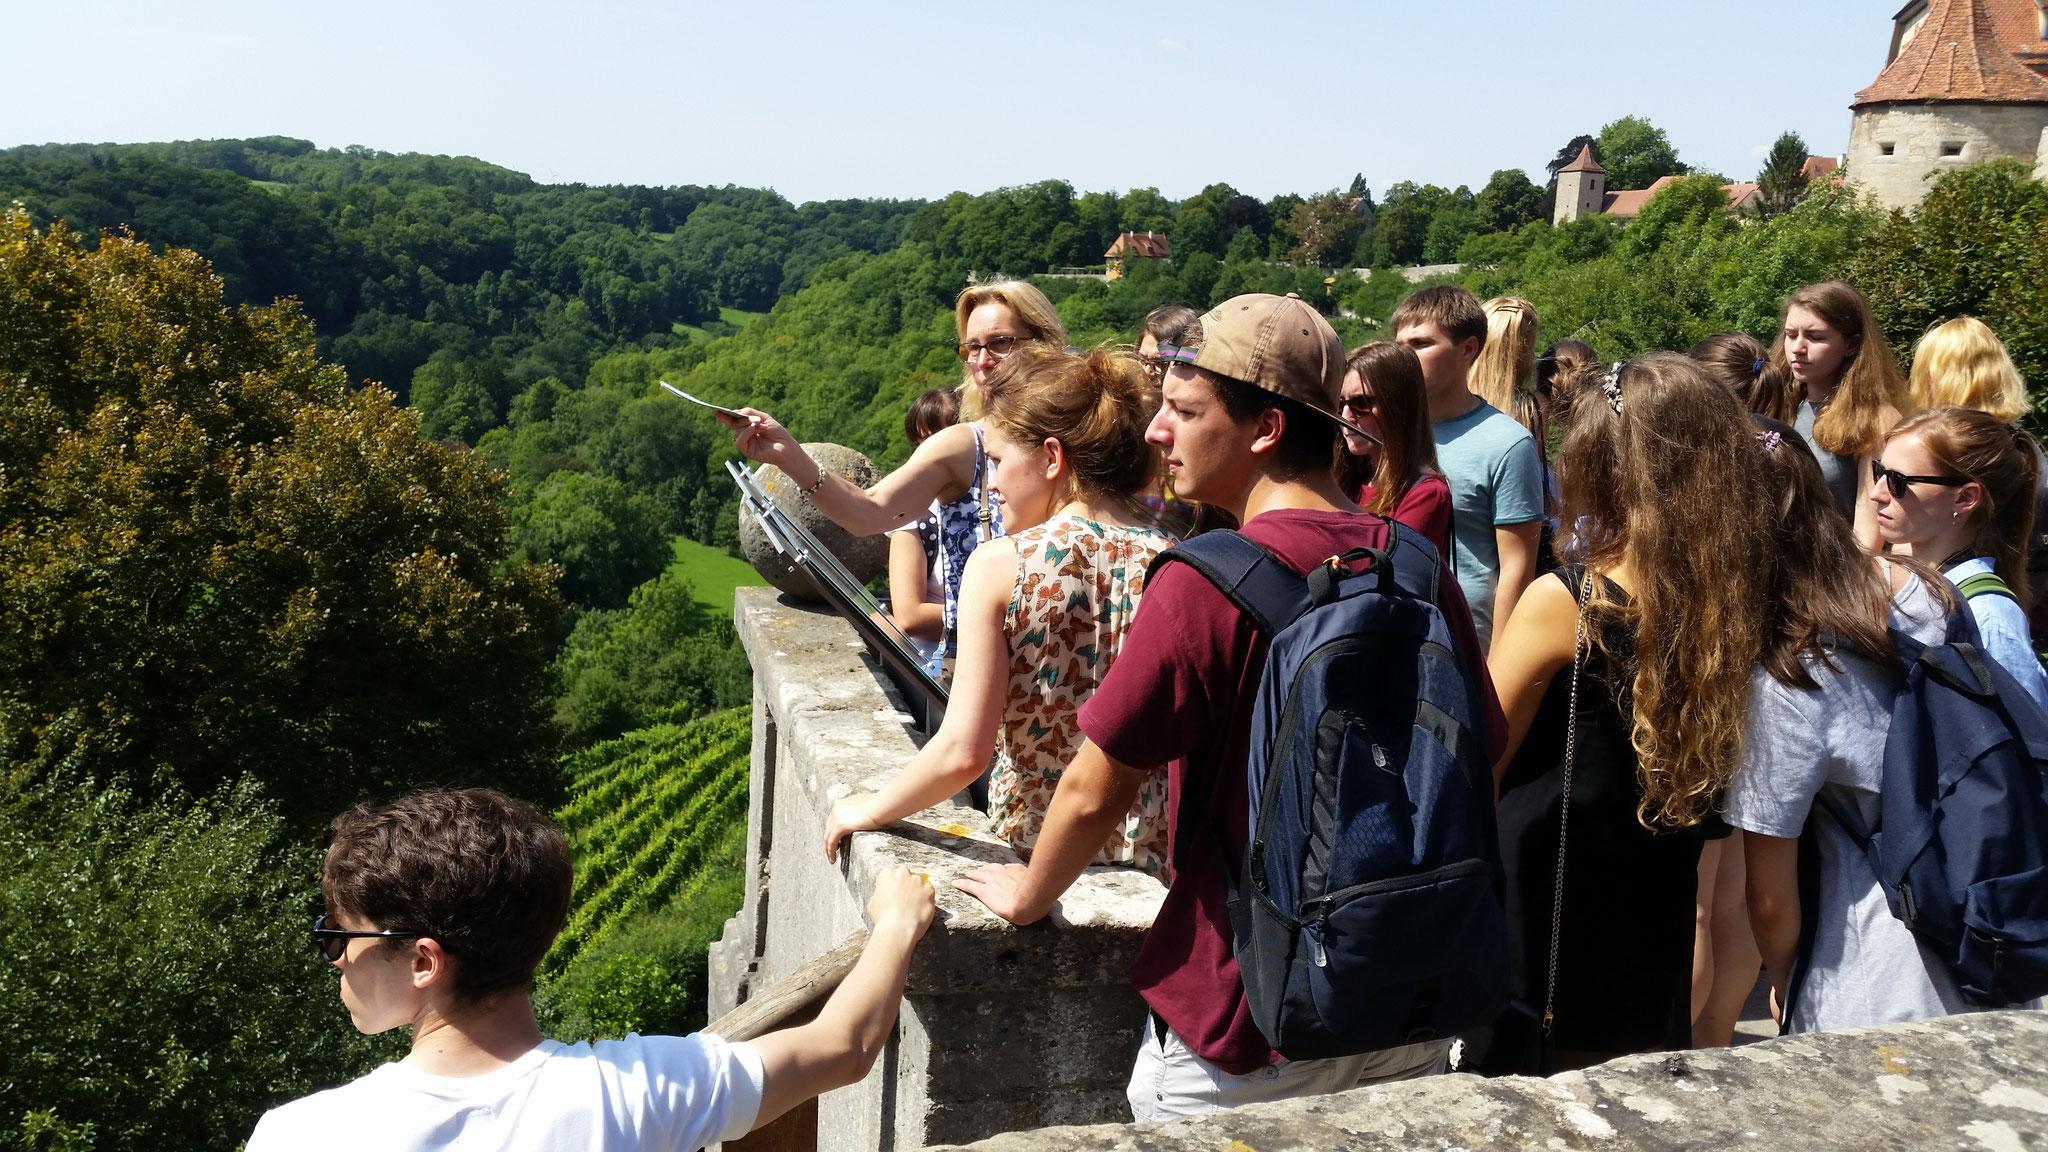 Deutsch-Sommersprachkurs Universität Würzburg, Deutsch lernen in Würzburg, Kulturprogramm, Tagesauflug Rothenburg ob der Tauber, Stadtführung an der Stadtmauer